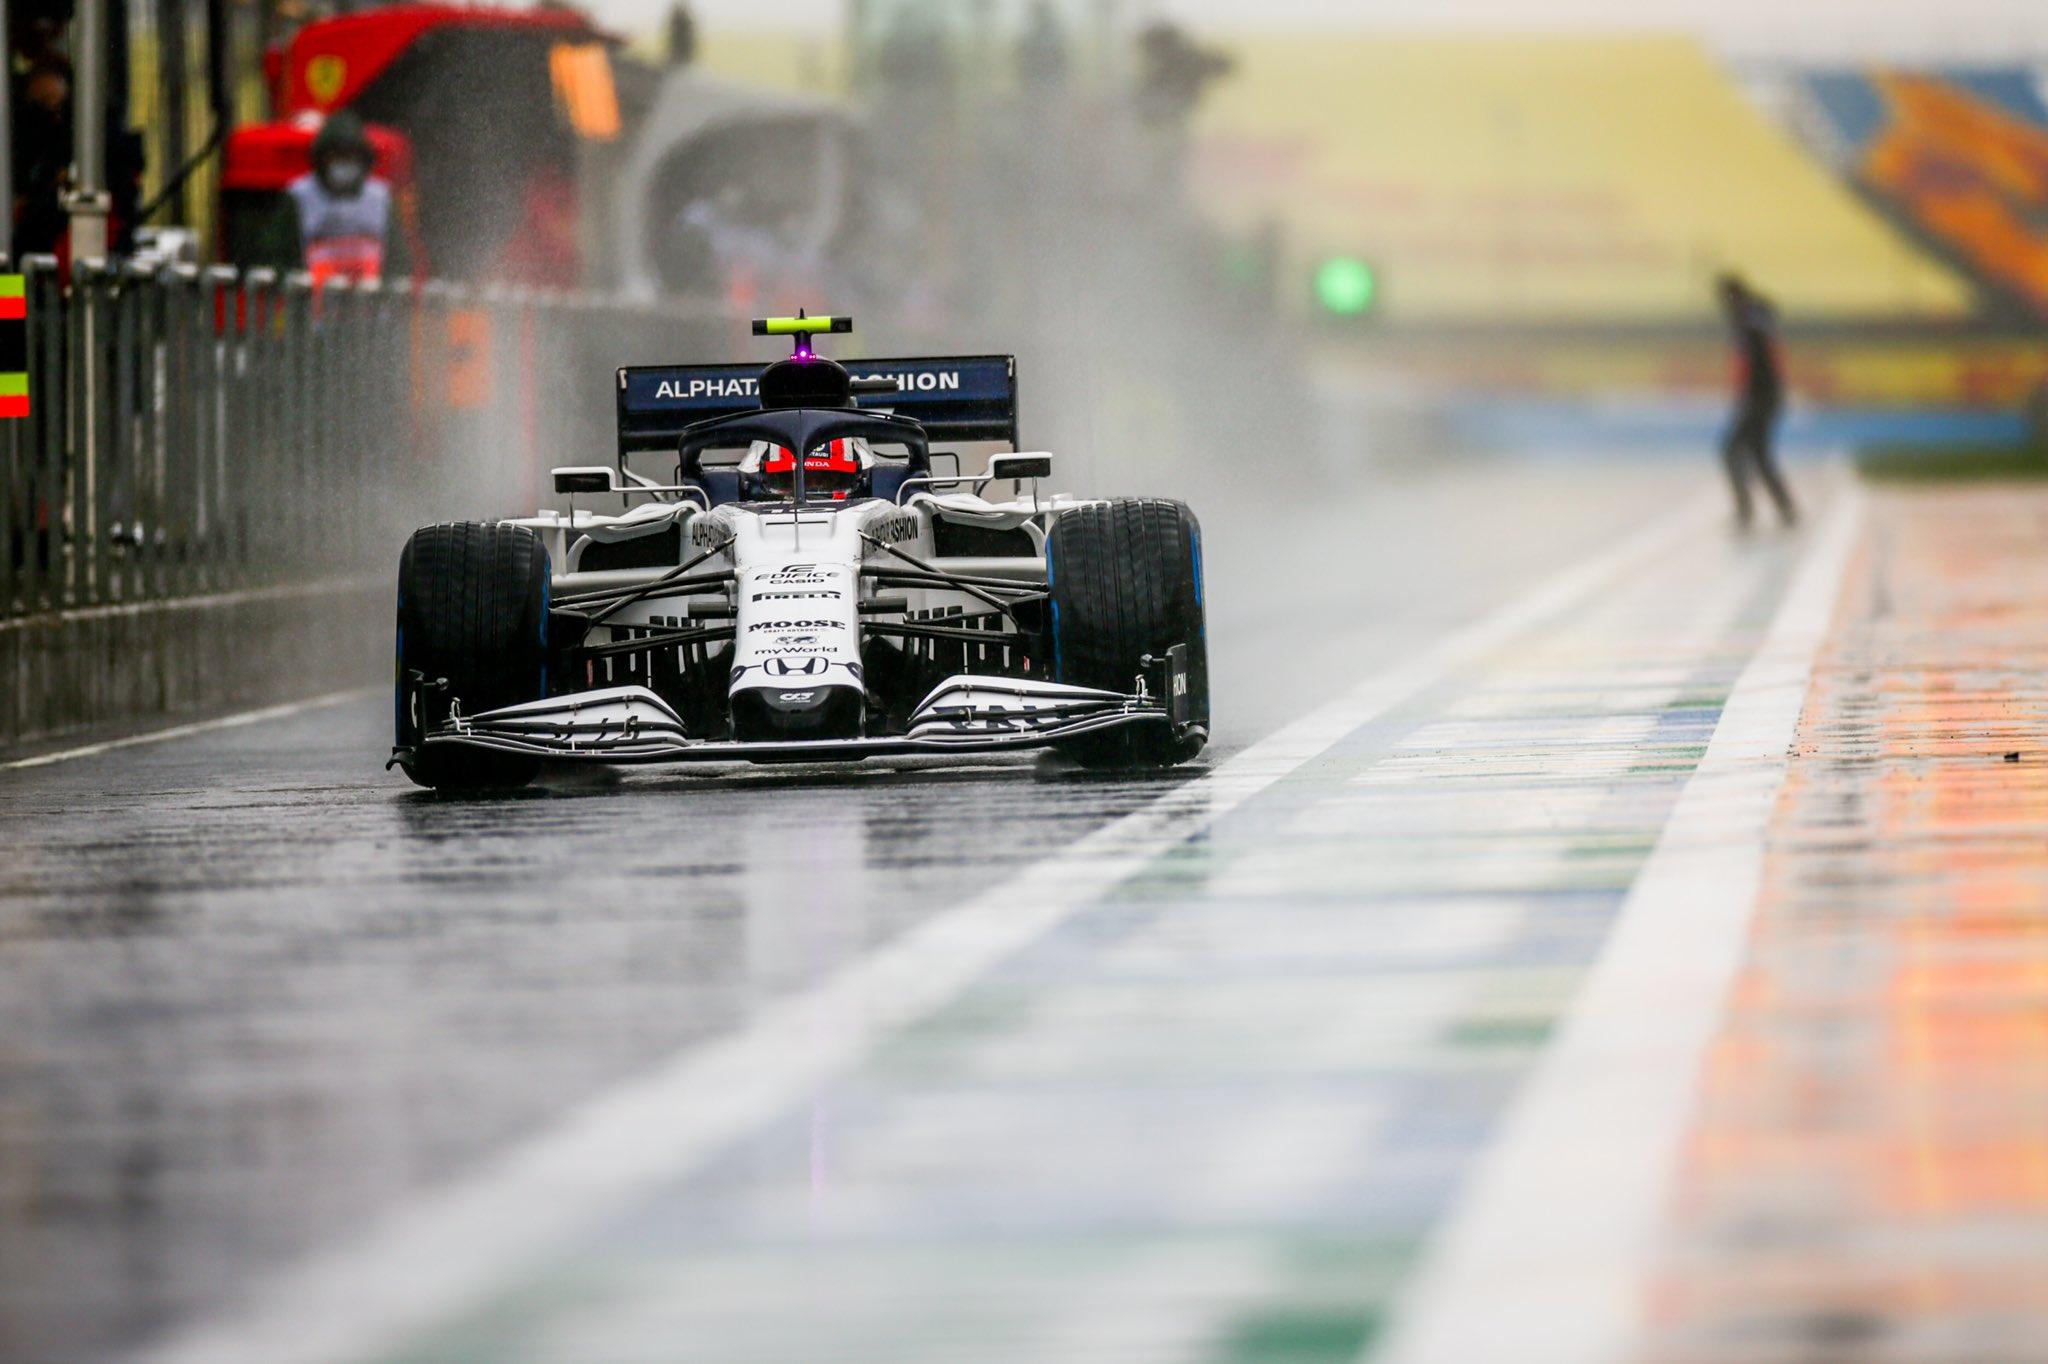 Les classements F1 2020 après le GP de Turquie 1